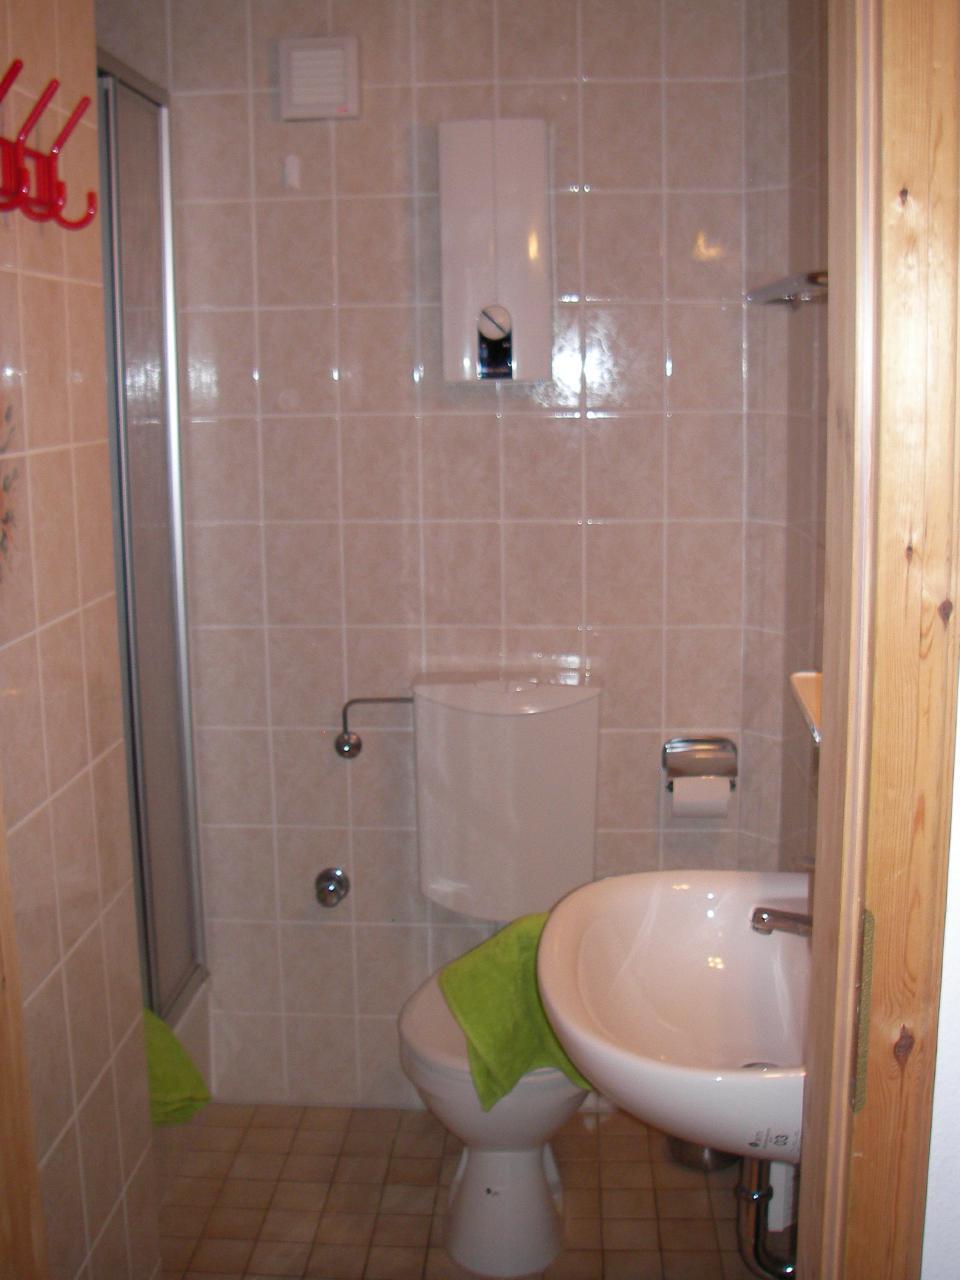 Ferienwohnung Haus Hilde Wohnung 2 (993407), Presseck, Frankenwald, Bayern, Deutschland, Bild 34